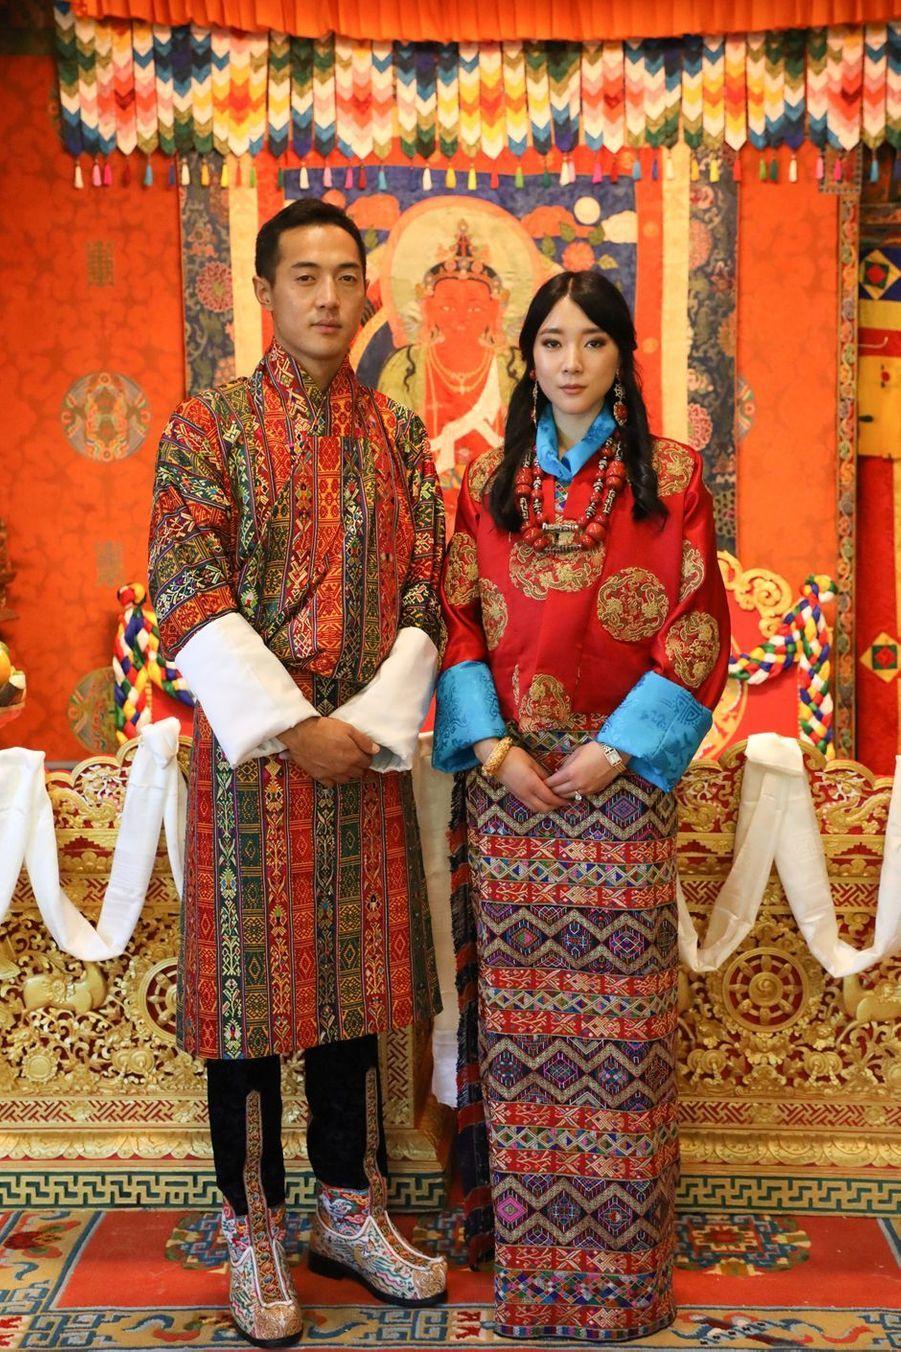 L'une des photos officielles du mariage de la princesse Eeuphelma Choden Wangchuck et de Dasho Thinlay Norbu, le 29 octobre 2020 à Thimphu